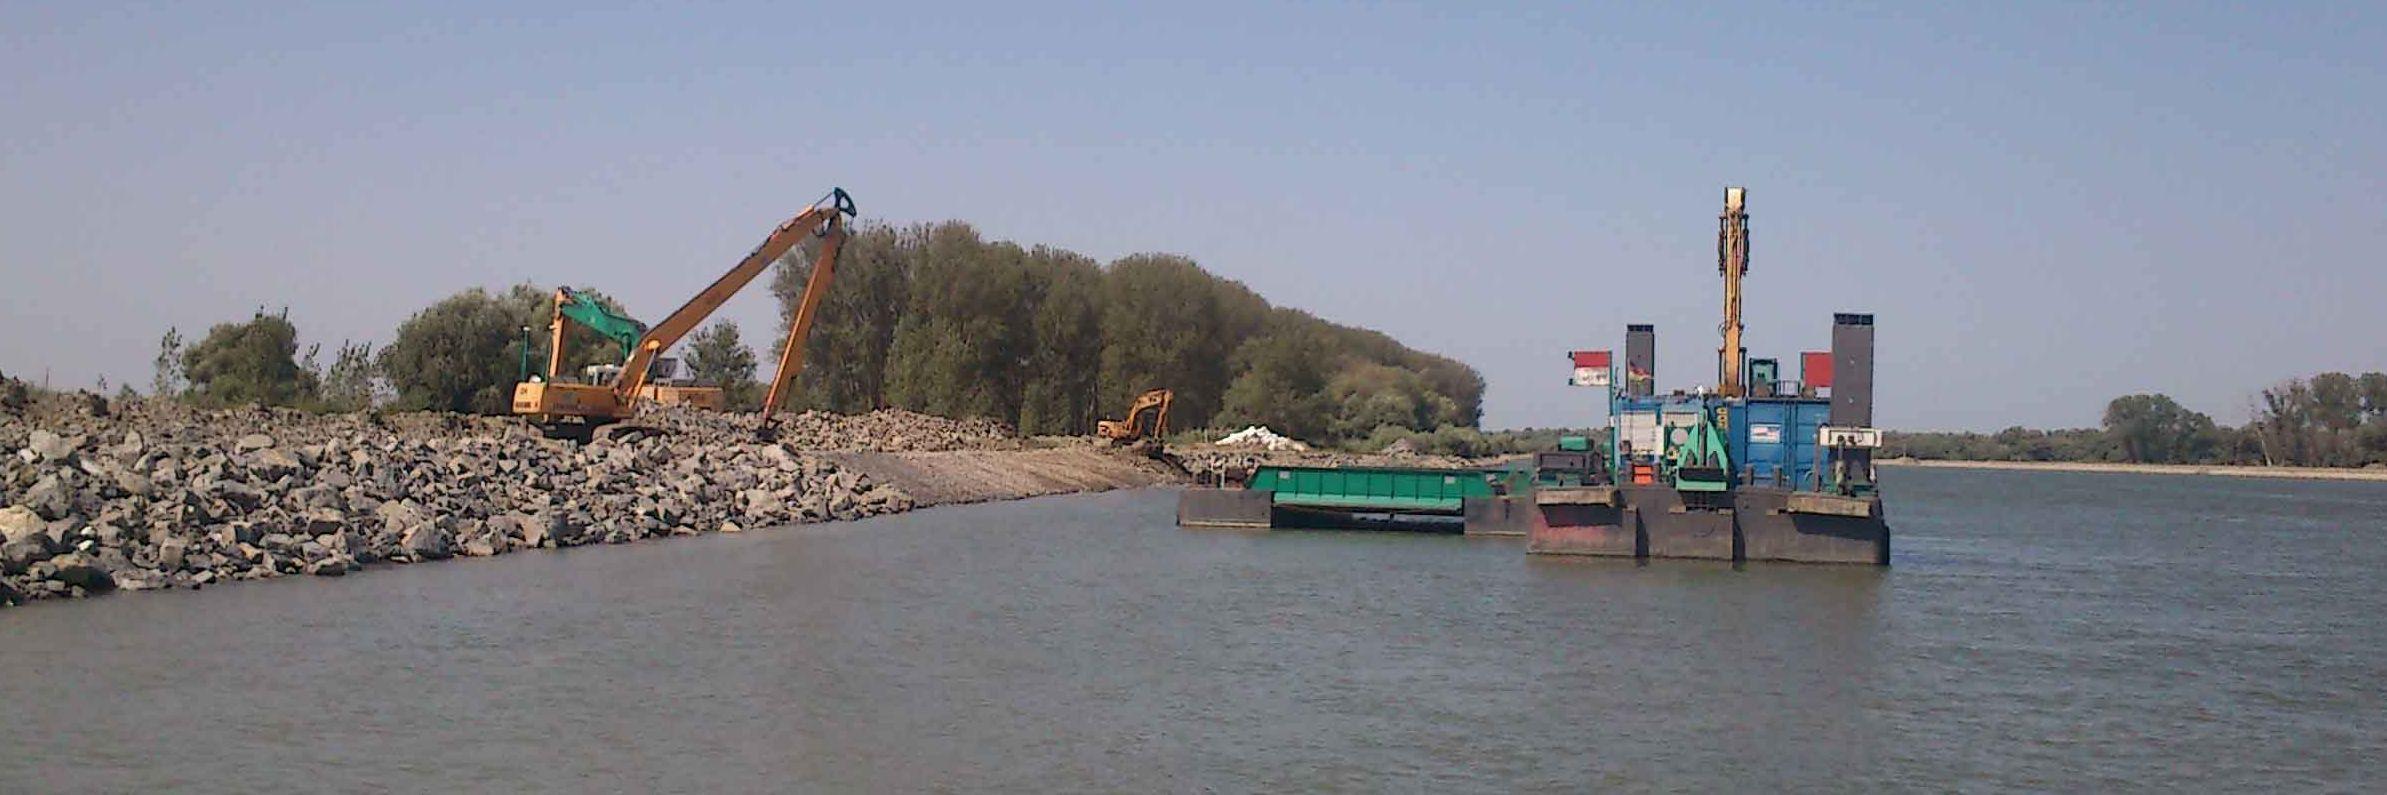 Erosionsschutz für Donaudelta in Rumänien Slider